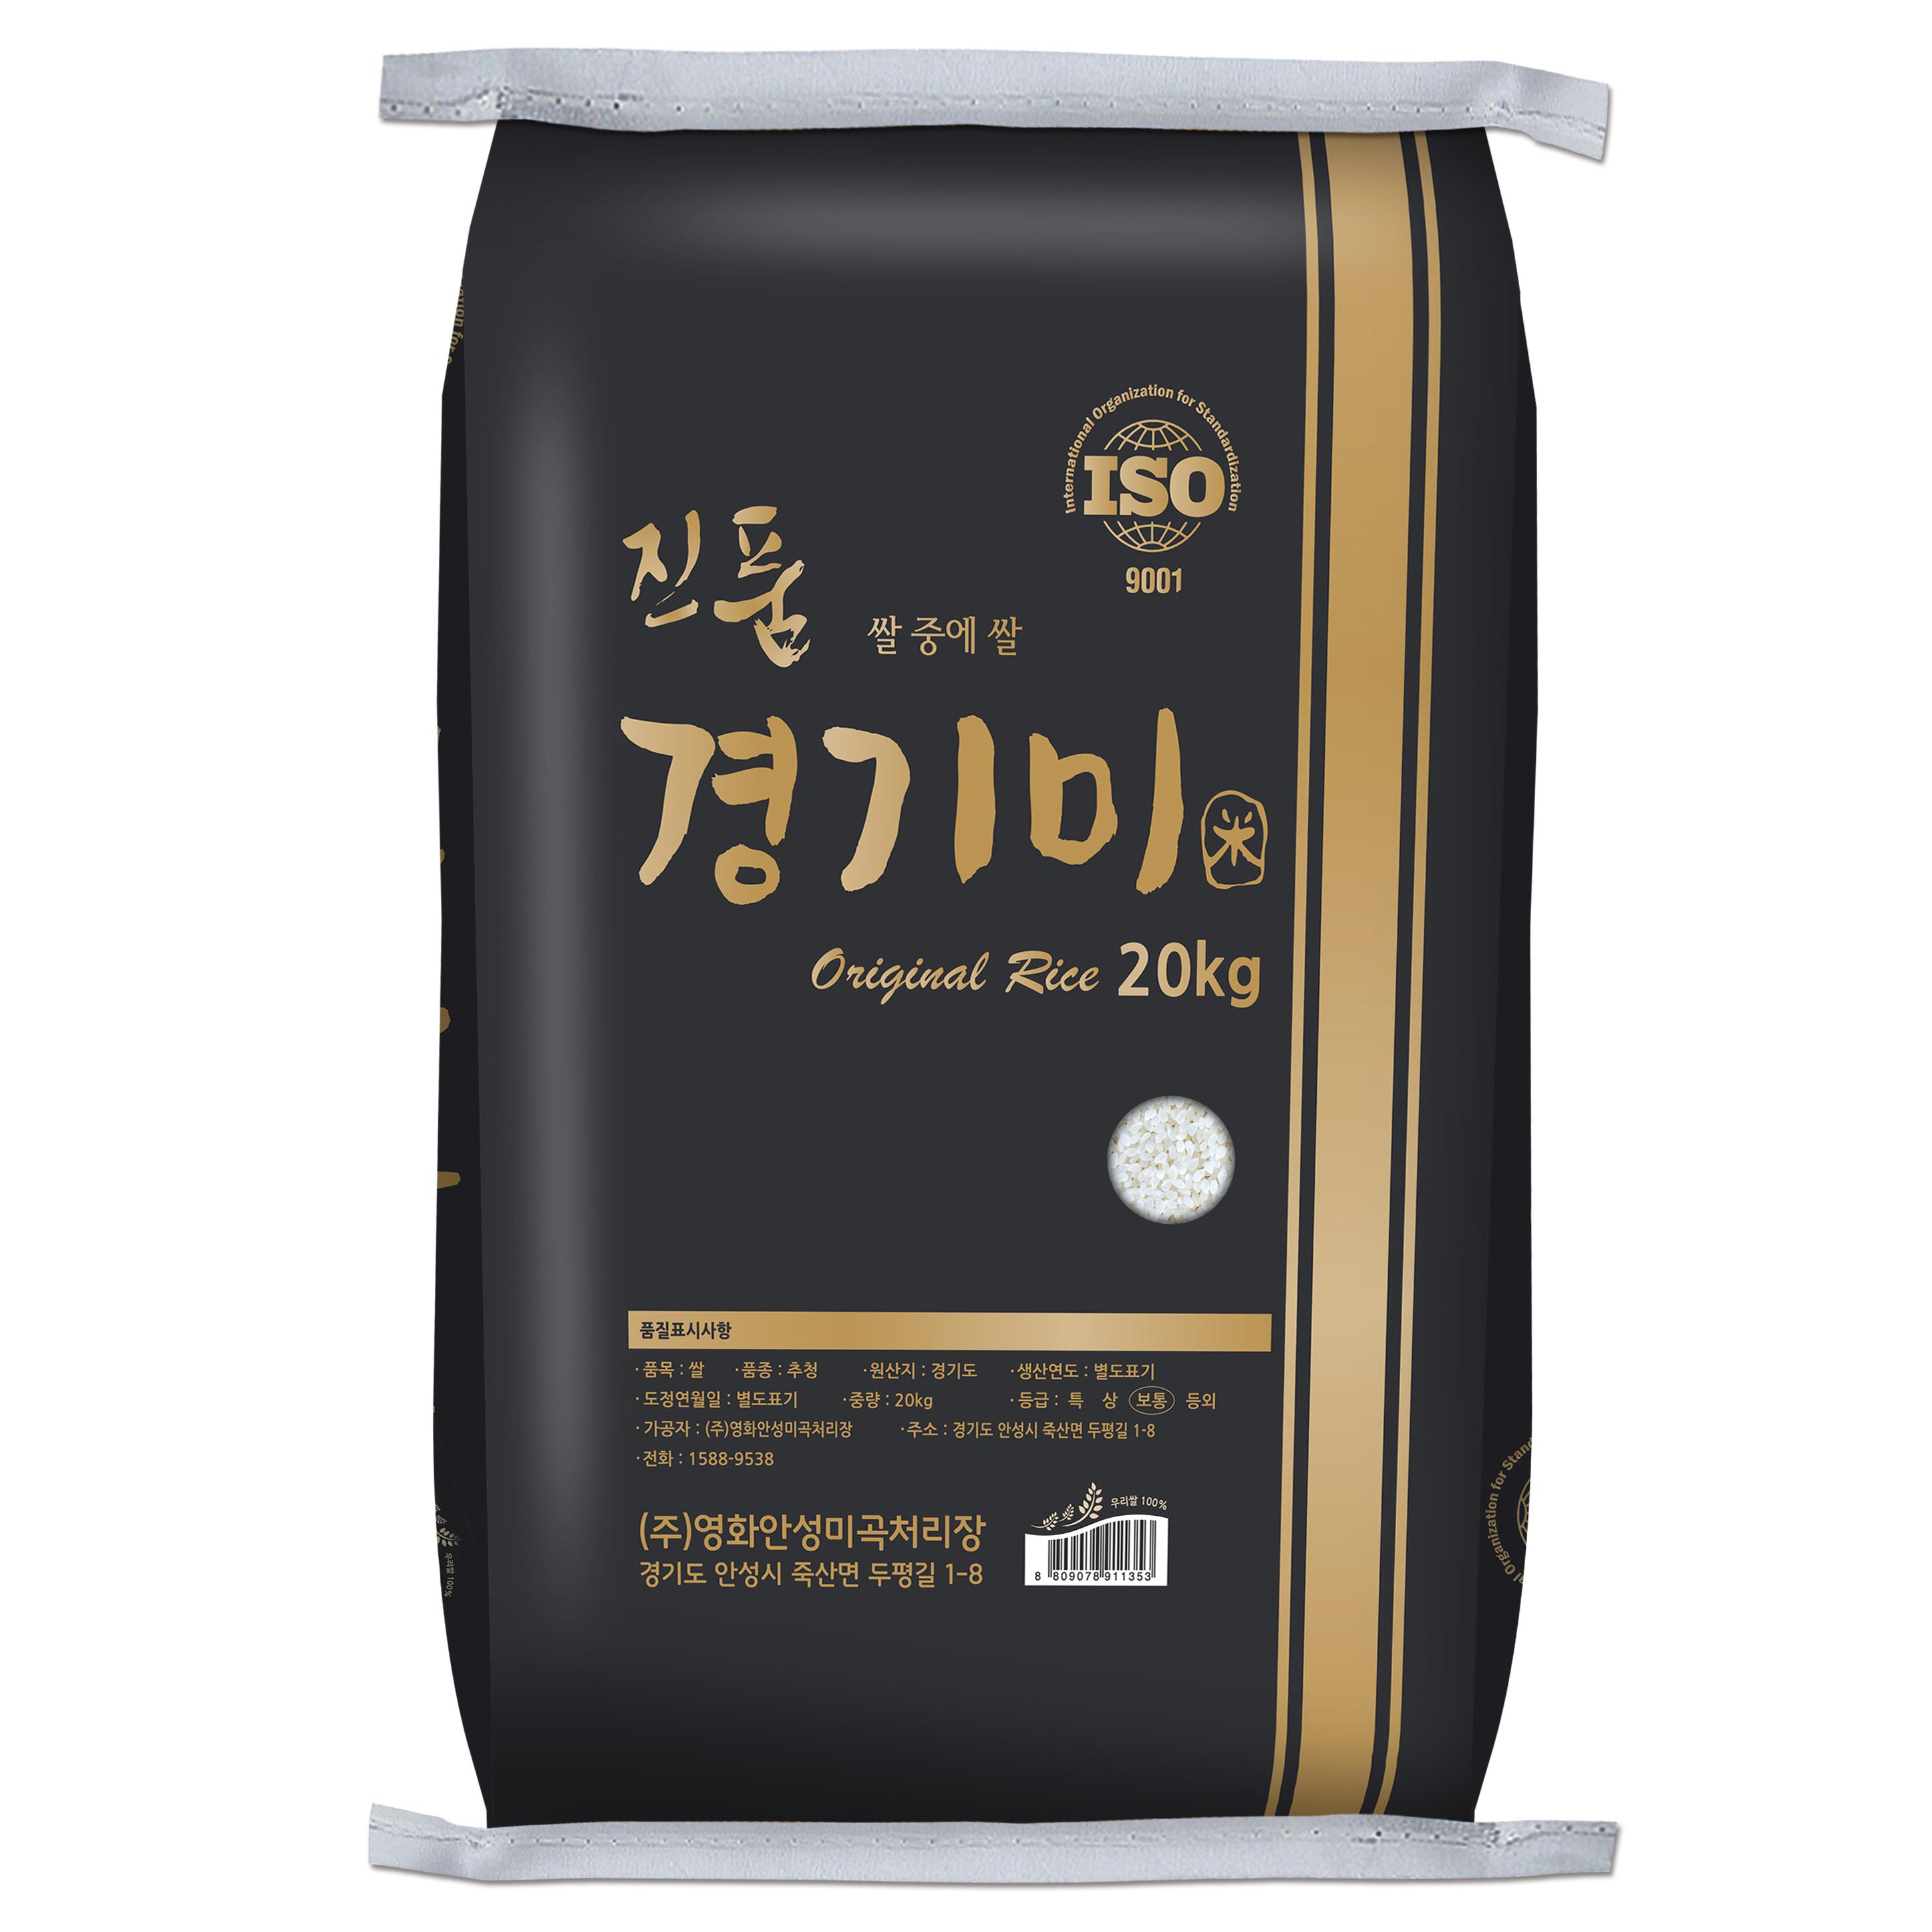 쌀집총각 진품 추청 경기미 쌀, 20kg, 1개